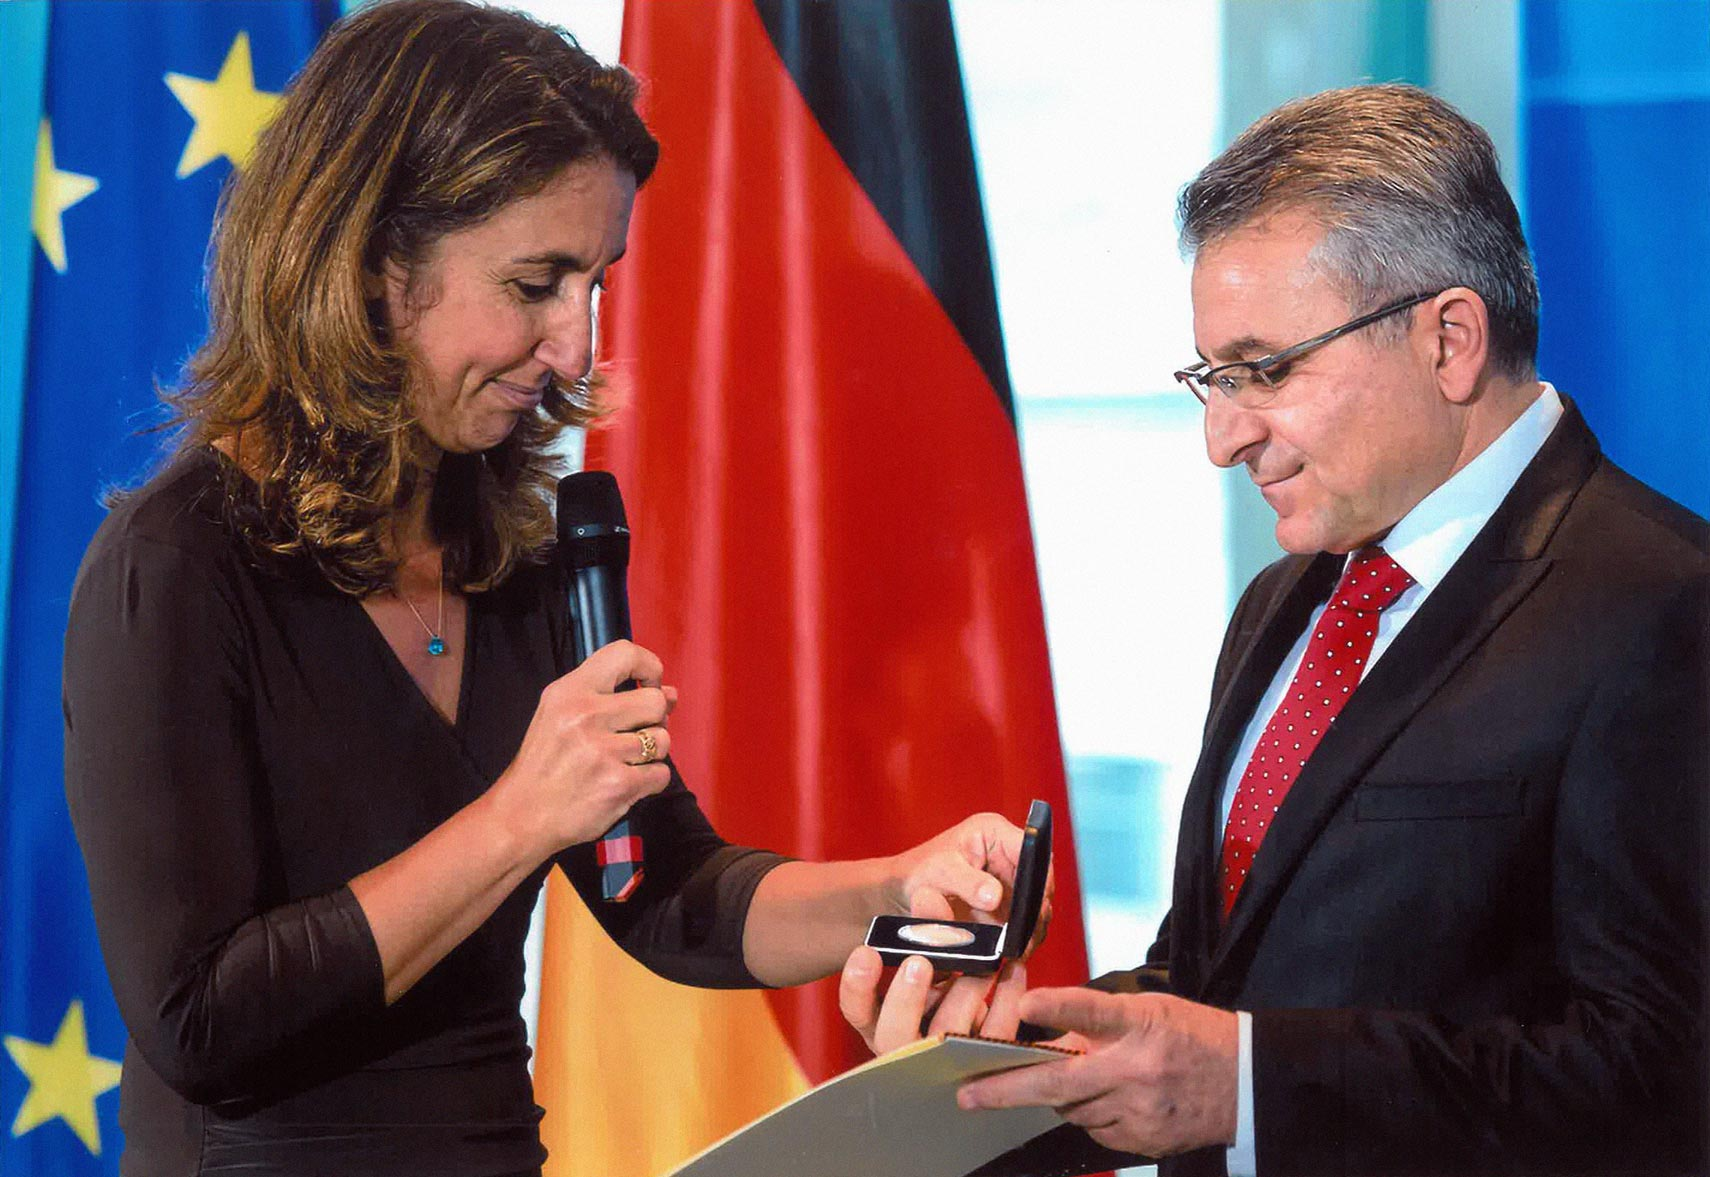 2014 - Abdullah Altun, Almanya Göç, Mülteci ve Uyumdan Sorumlu Devlet Bakanı Aydan Özoğuz'dan Uyum Madalyası'nı kabul ederken...